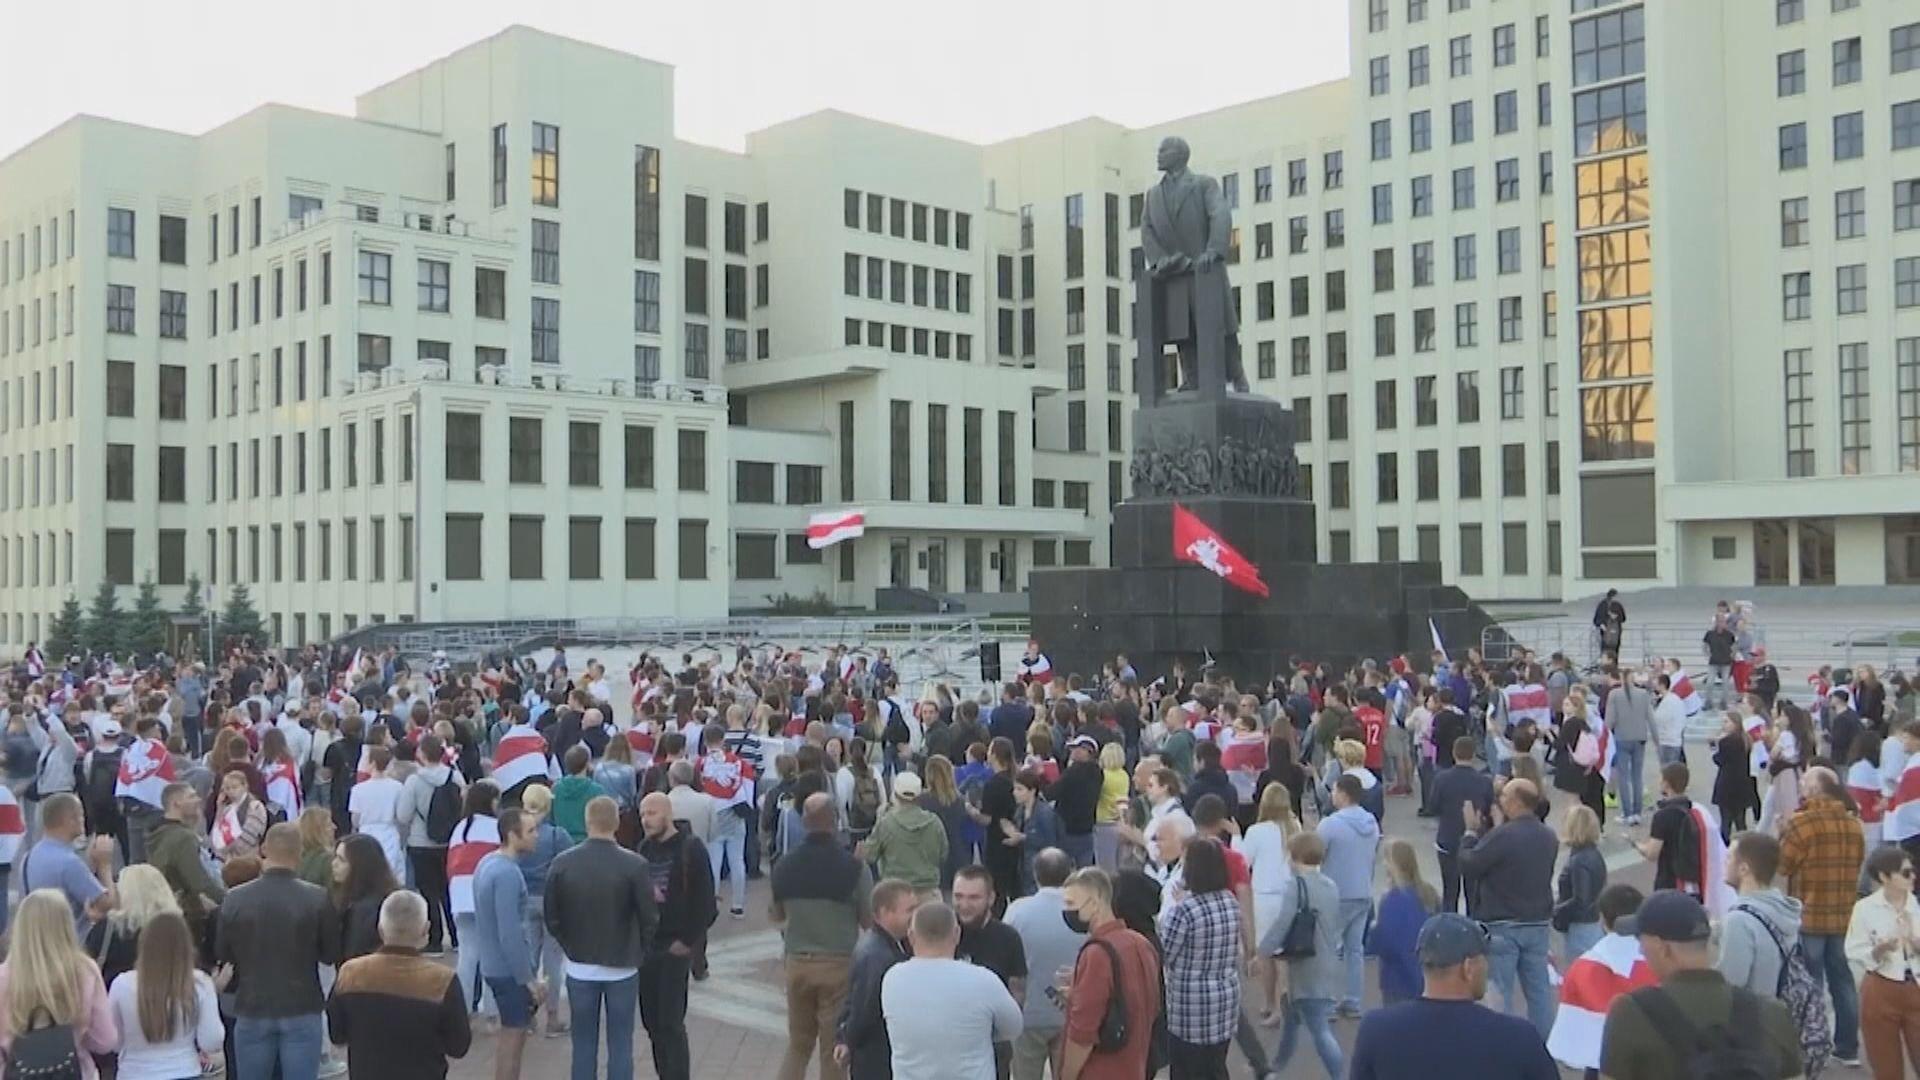 白俄羅斯示威持續 當局封逾50個曾報道示威新聞網站